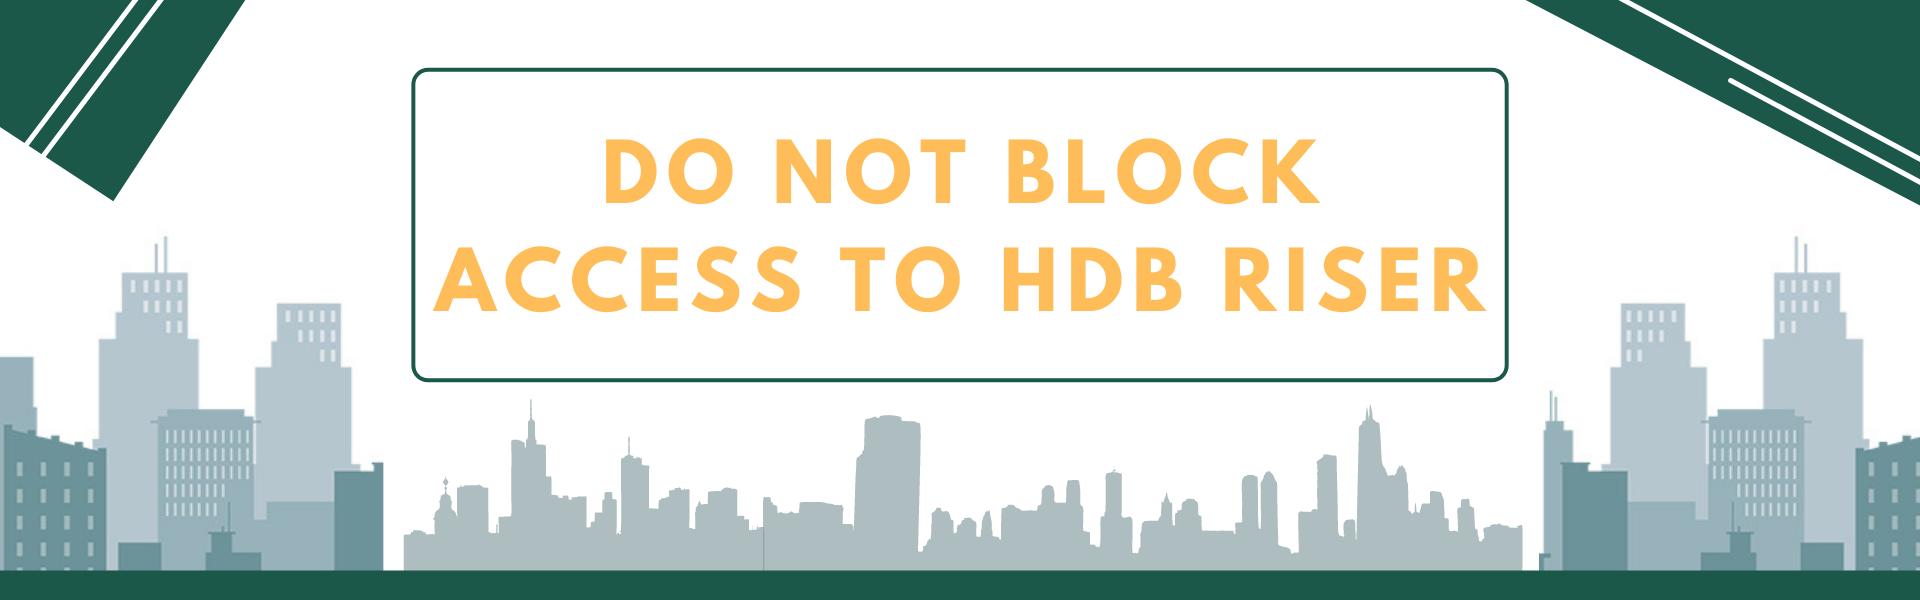 Do not block access to HDB Riser